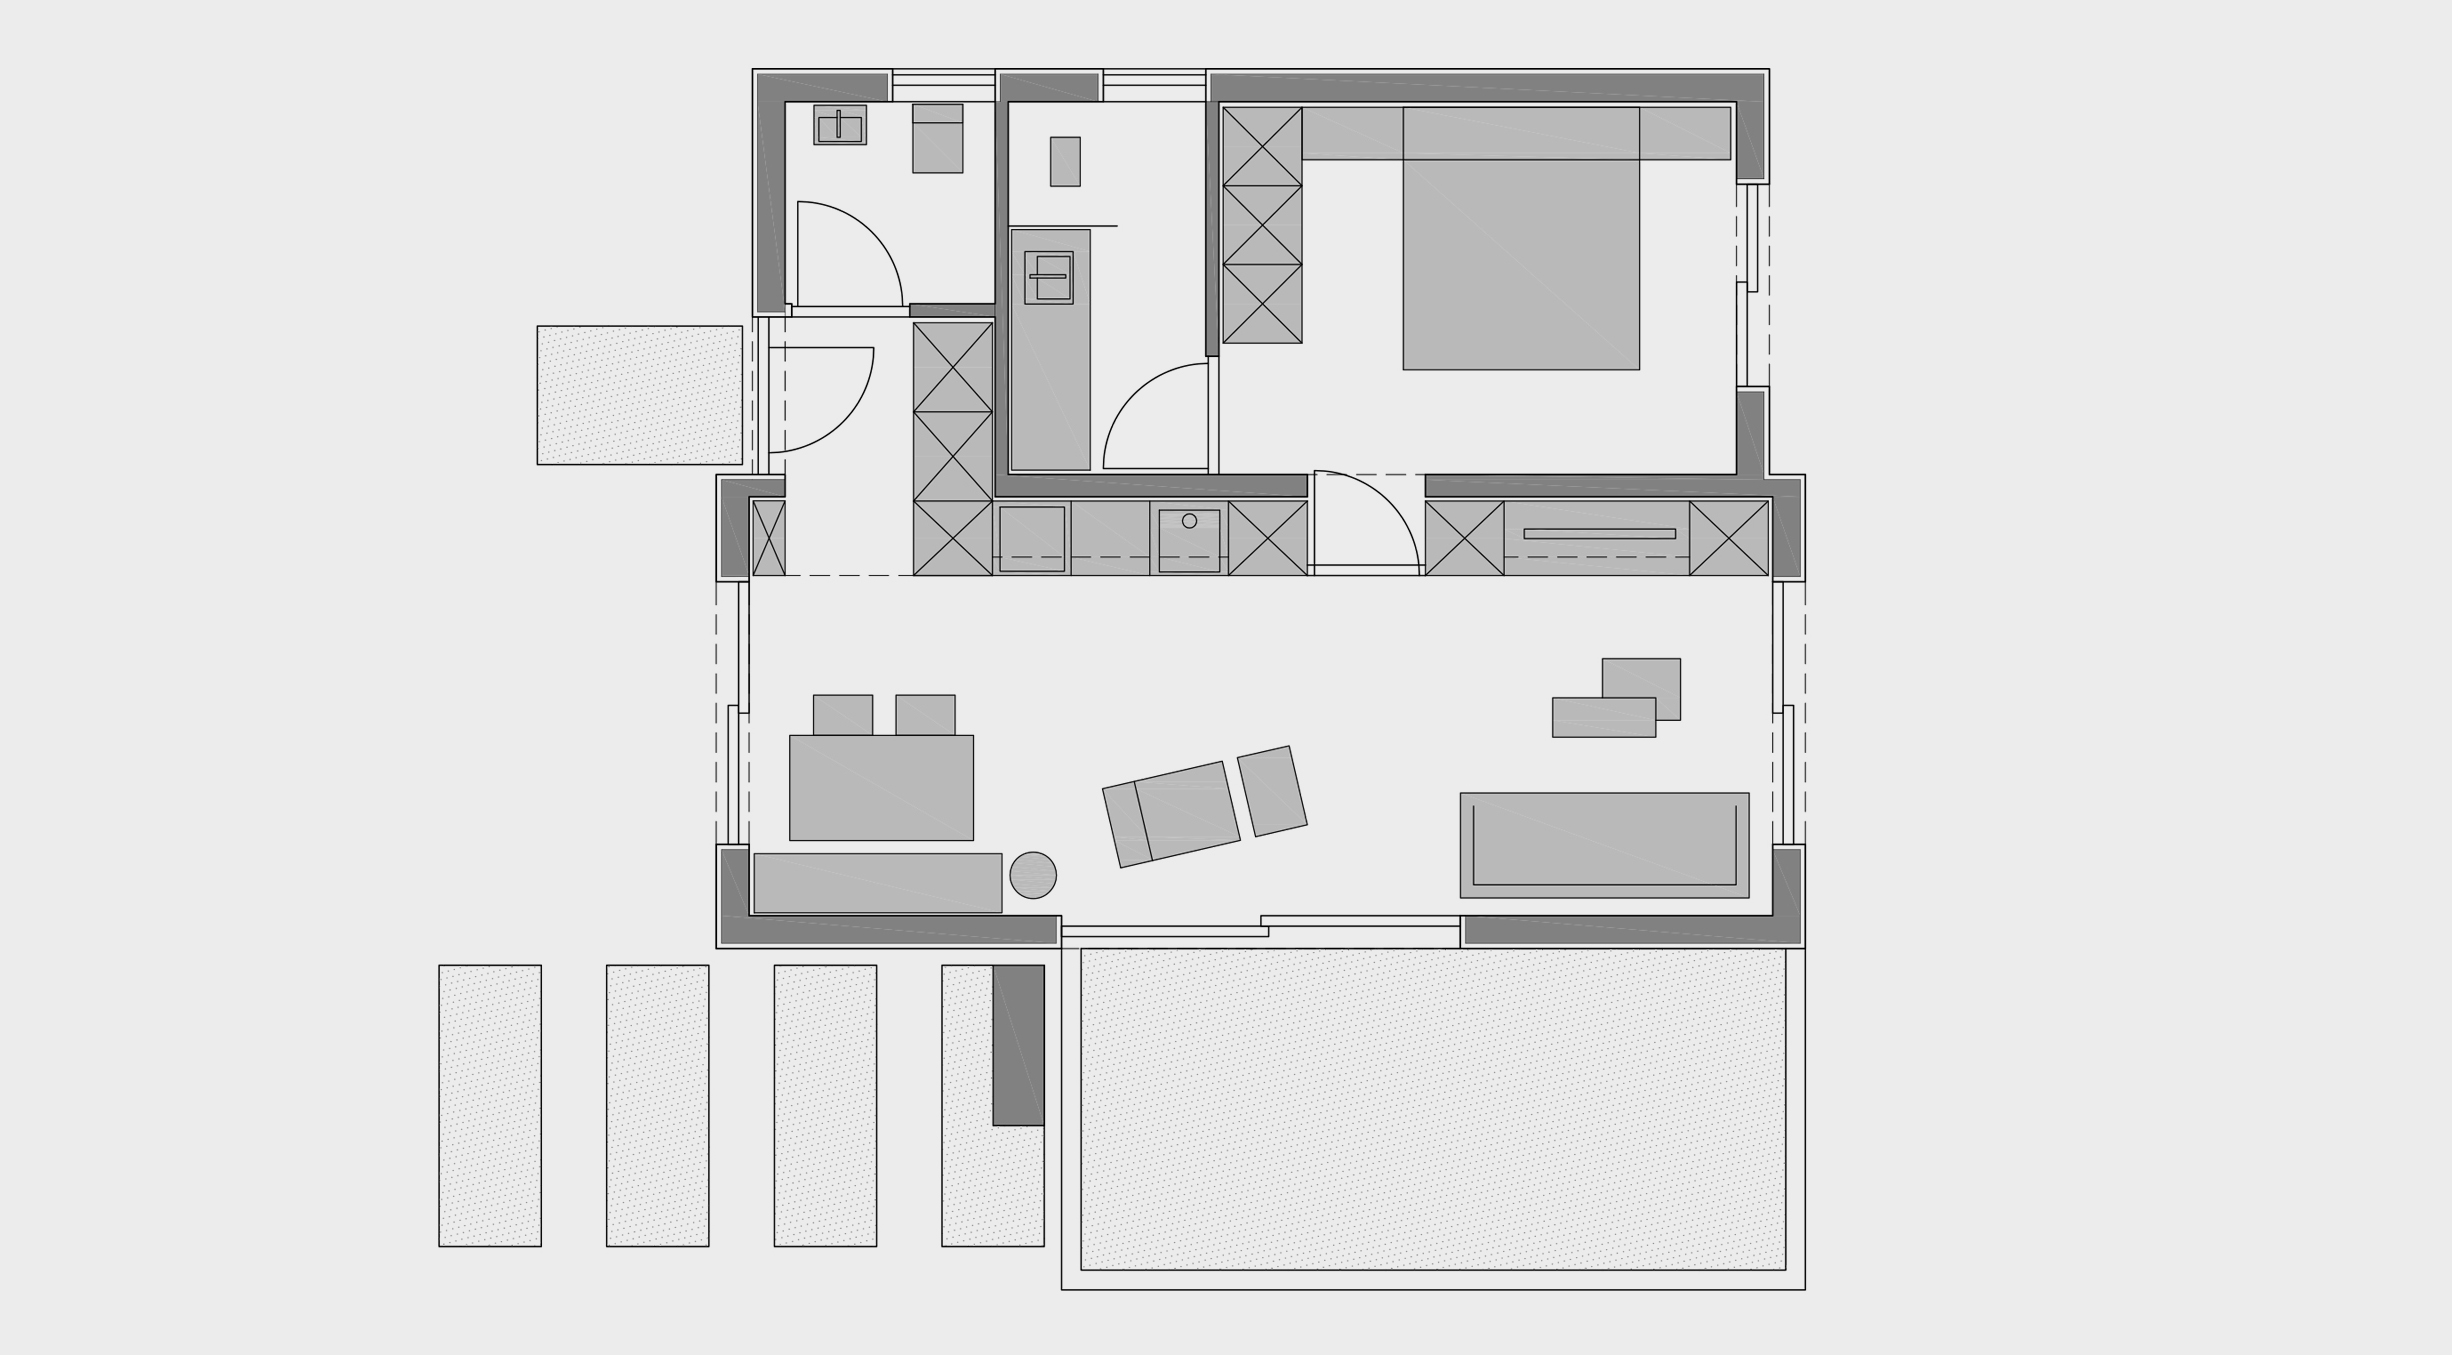 tloris mobile house